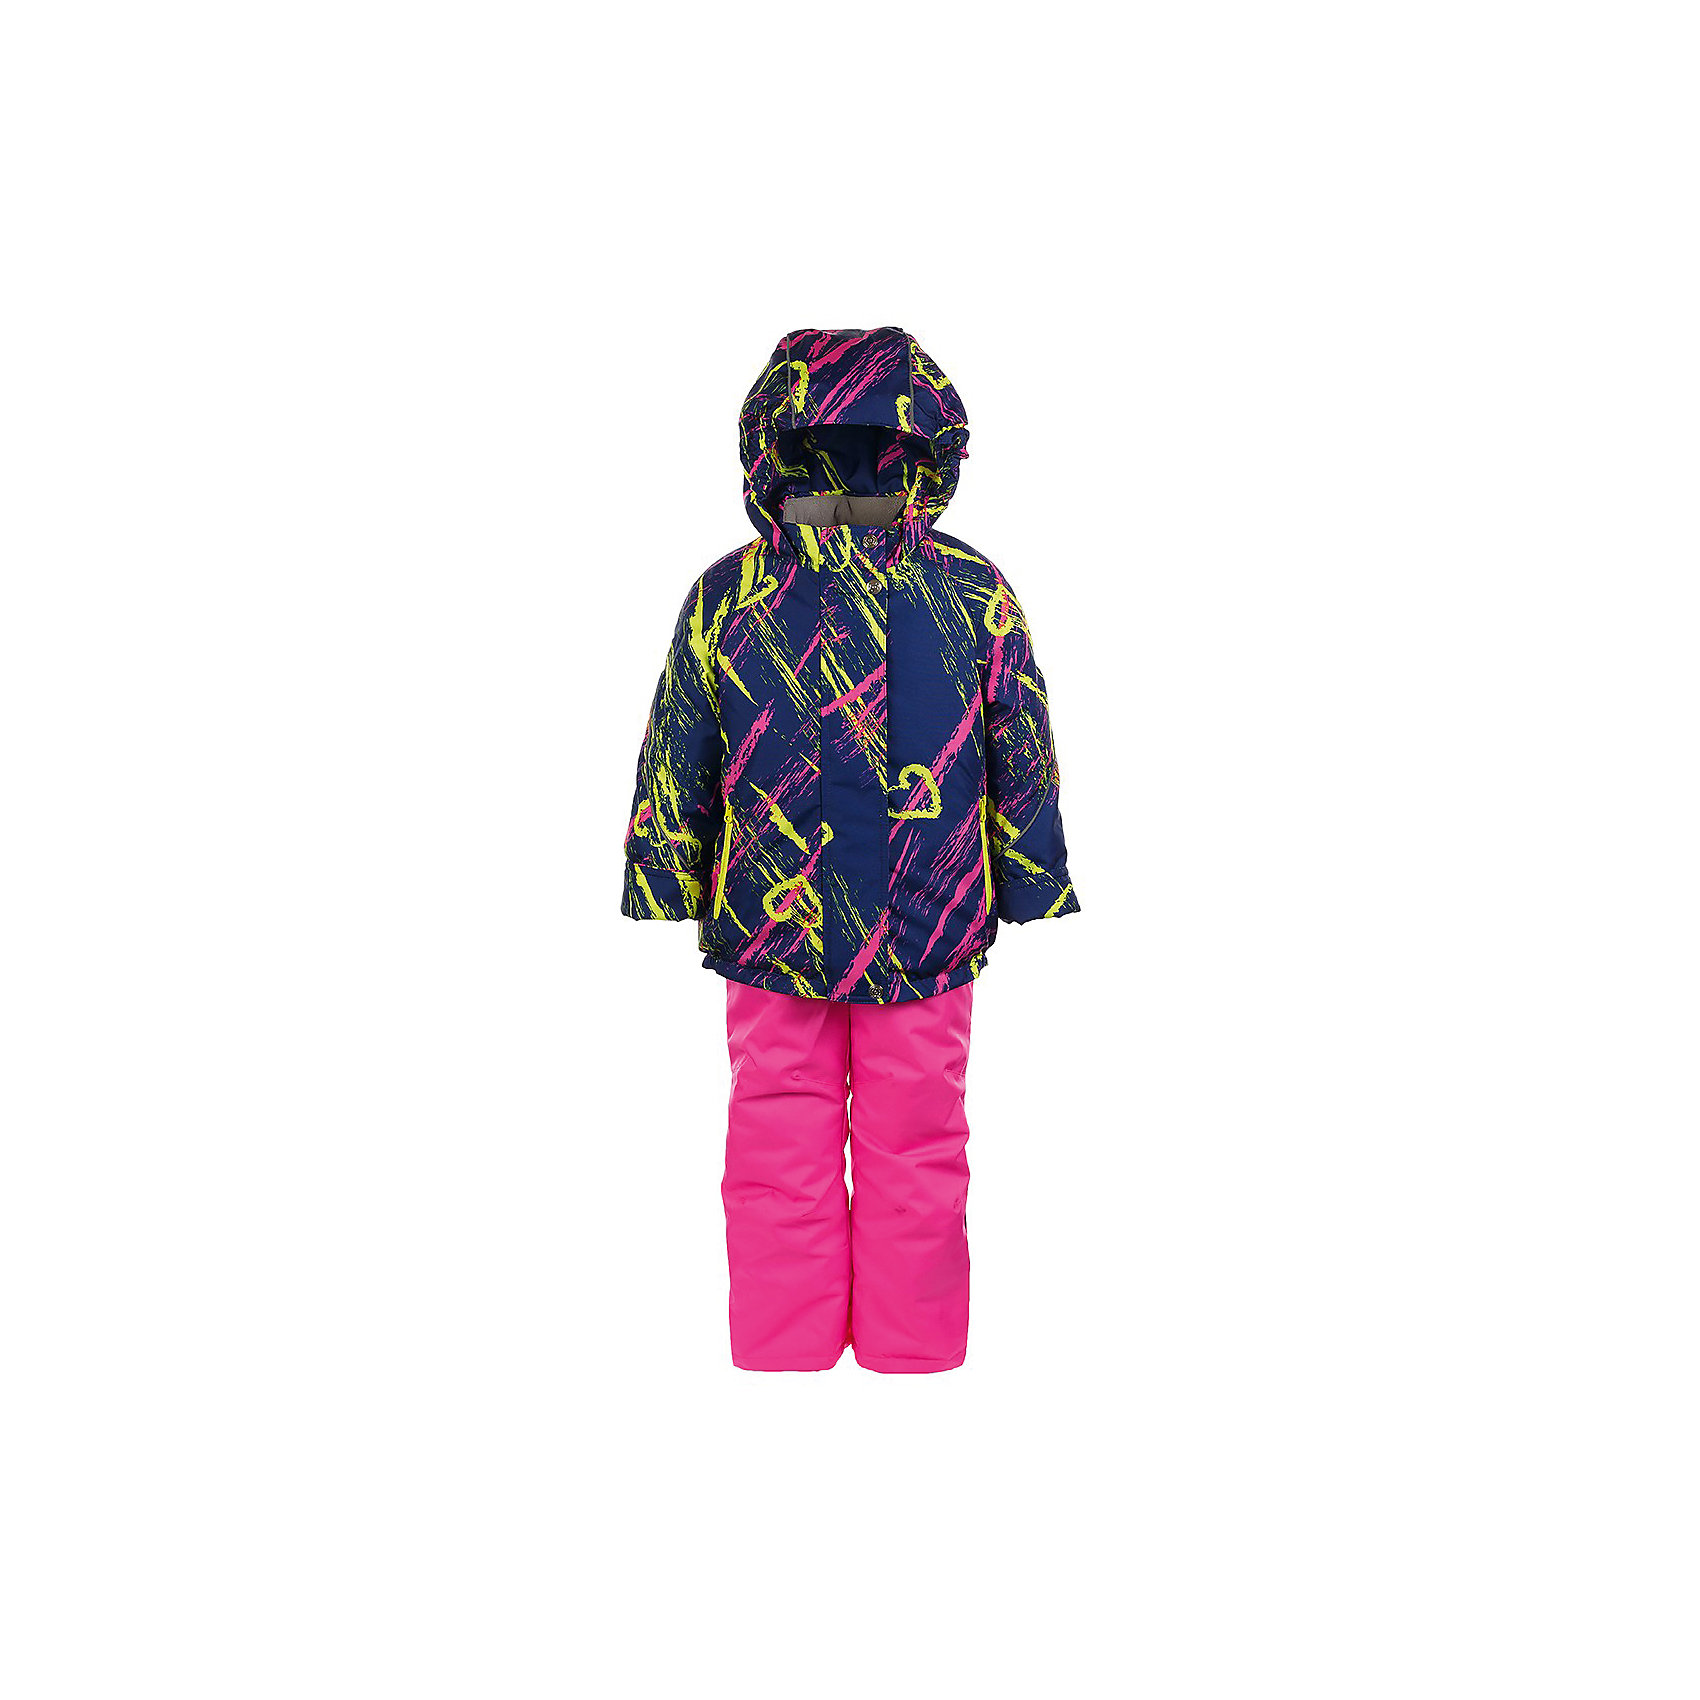 Комплект: куртка и полукомбинезон Галата OLDOS для девочкиВерхняя одежда<br>Характеристики товара:<br><br>• цвет: синий<br>• комплектация: куртка и полукомбинезон<br>• состав ткани: полиэстер<br>• подкладка: флис<br>• утеплитель: Hollofan <br>• сезон: зима<br>• мембранное покрытие<br>• температурный режим: от -30 до 0<br>• водонепроницаемость: 3000 мм <br>• паропроницаемость: 3000 г/м2<br>• плотность утеплителя: куртка - 300 г/м2, полукомбинезон - 150 г/м2<br>• застежка: молния<br>• капюшон: без меха, несъемный<br>• страна бренда: Россия<br>• страна изготовитель: Россия<br><br>Детский зимний комплект создан с применением мембранной технологии. Подкладка детского зимнего комплекта - флис, в рукавах и брючинах – гладкий полиэстер. Детский комплект для девочки дополнен элементами, помогающими скорректировать размер точно под ребенка. Легкий утеплитель комплекта хорошо сохраняет тепло и быстро сохнет. <br><br>Комплект: куртка и полукомбинезон Галата Oldos (Олдос) для девочки можно купить в нашем интернет-магазине.<br><br>Ширина мм: 356<br>Глубина мм: 10<br>Высота мм: 245<br>Вес г: 519<br>Цвет: розовый<br>Возраст от месяцев: 108<br>Возраст до месяцев: 120<br>Пол: Женский<br>Возраст: Детский<br>Размер: 140,92,98,104,110,116,122,128,134<br>SKU: 7016364